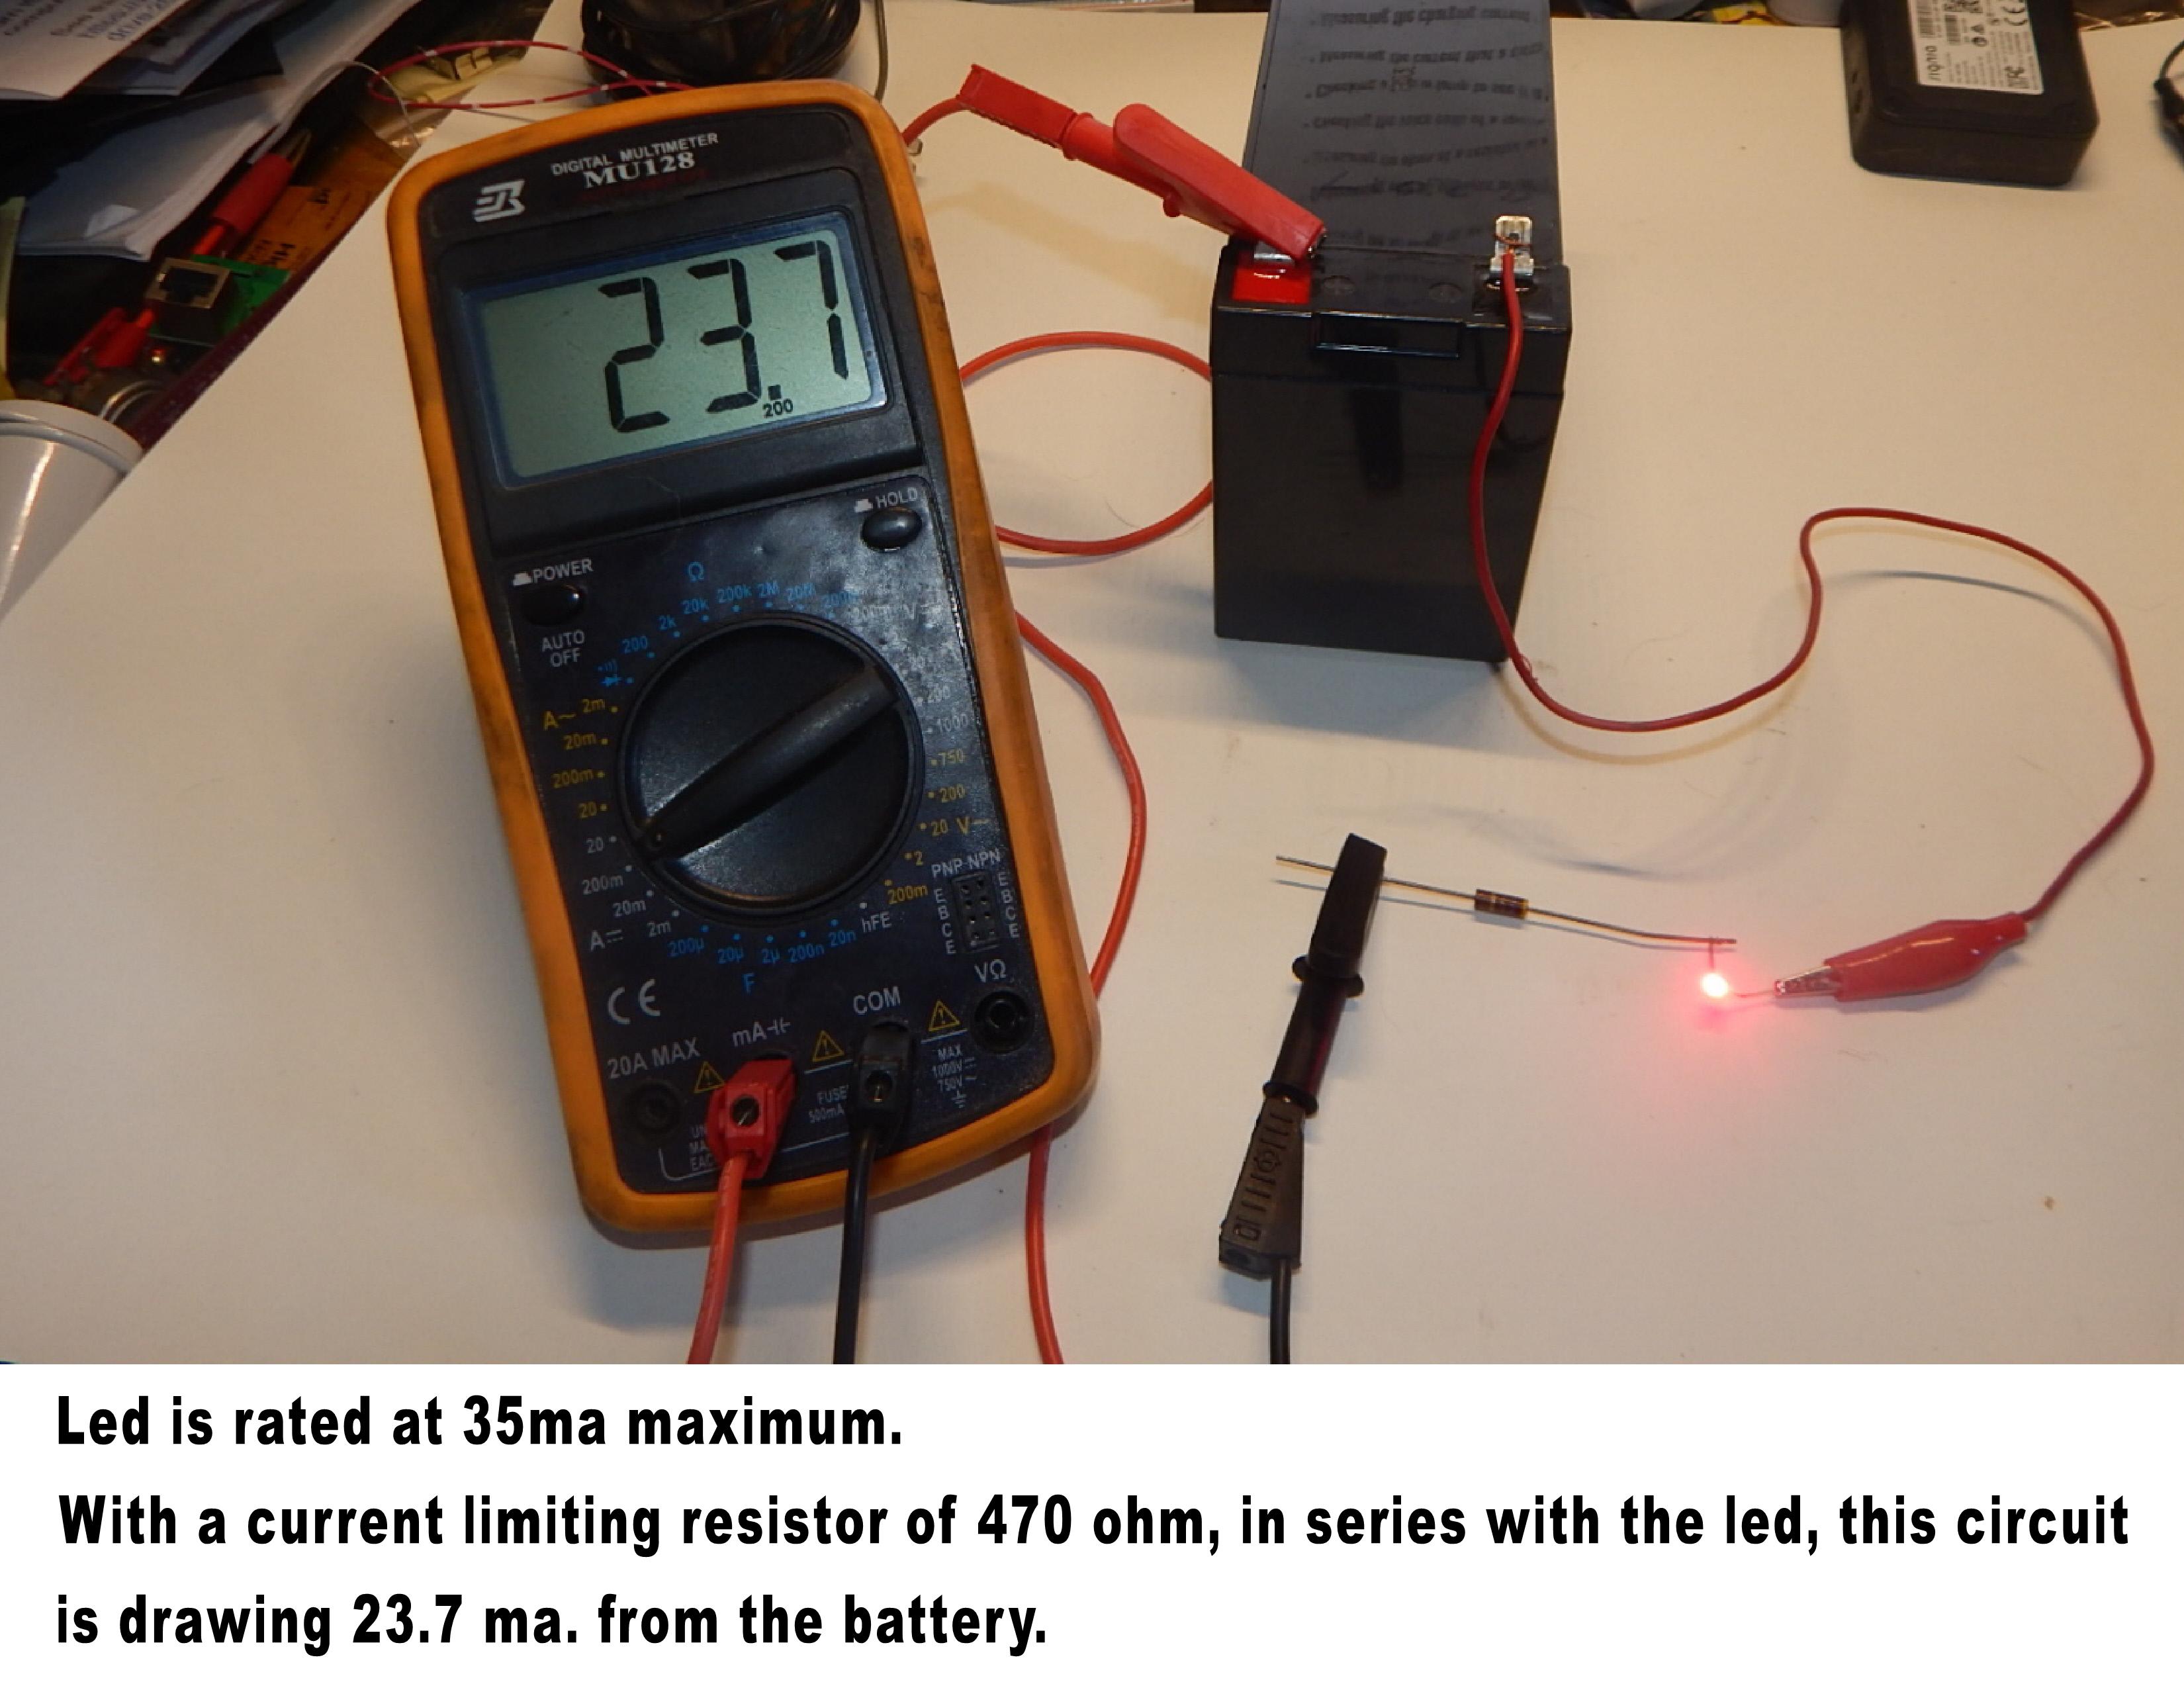 LED current